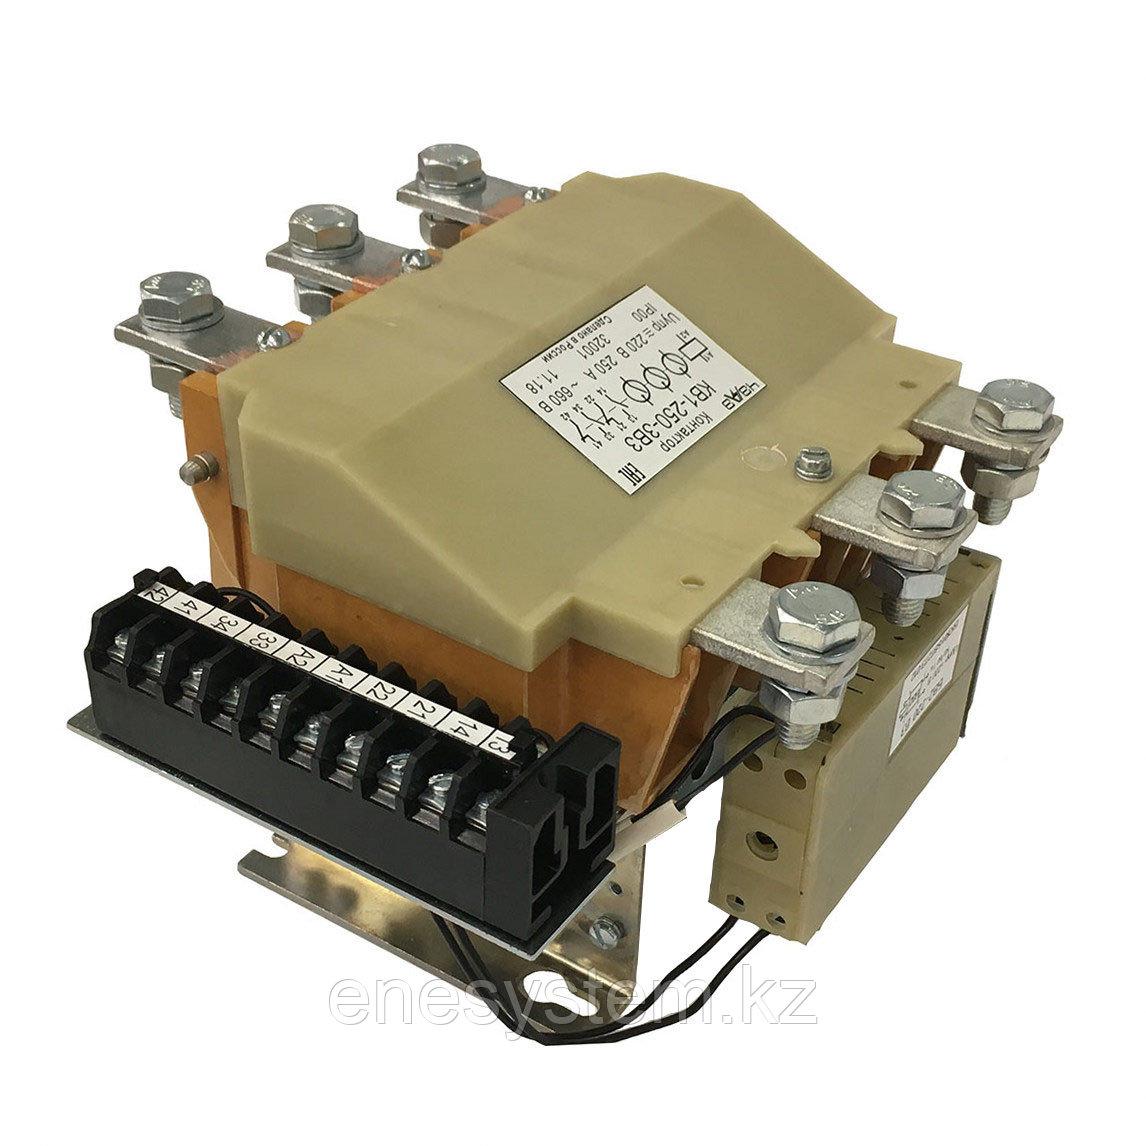 Контакторы вакуумные трехкамерные КВ-1-250-3